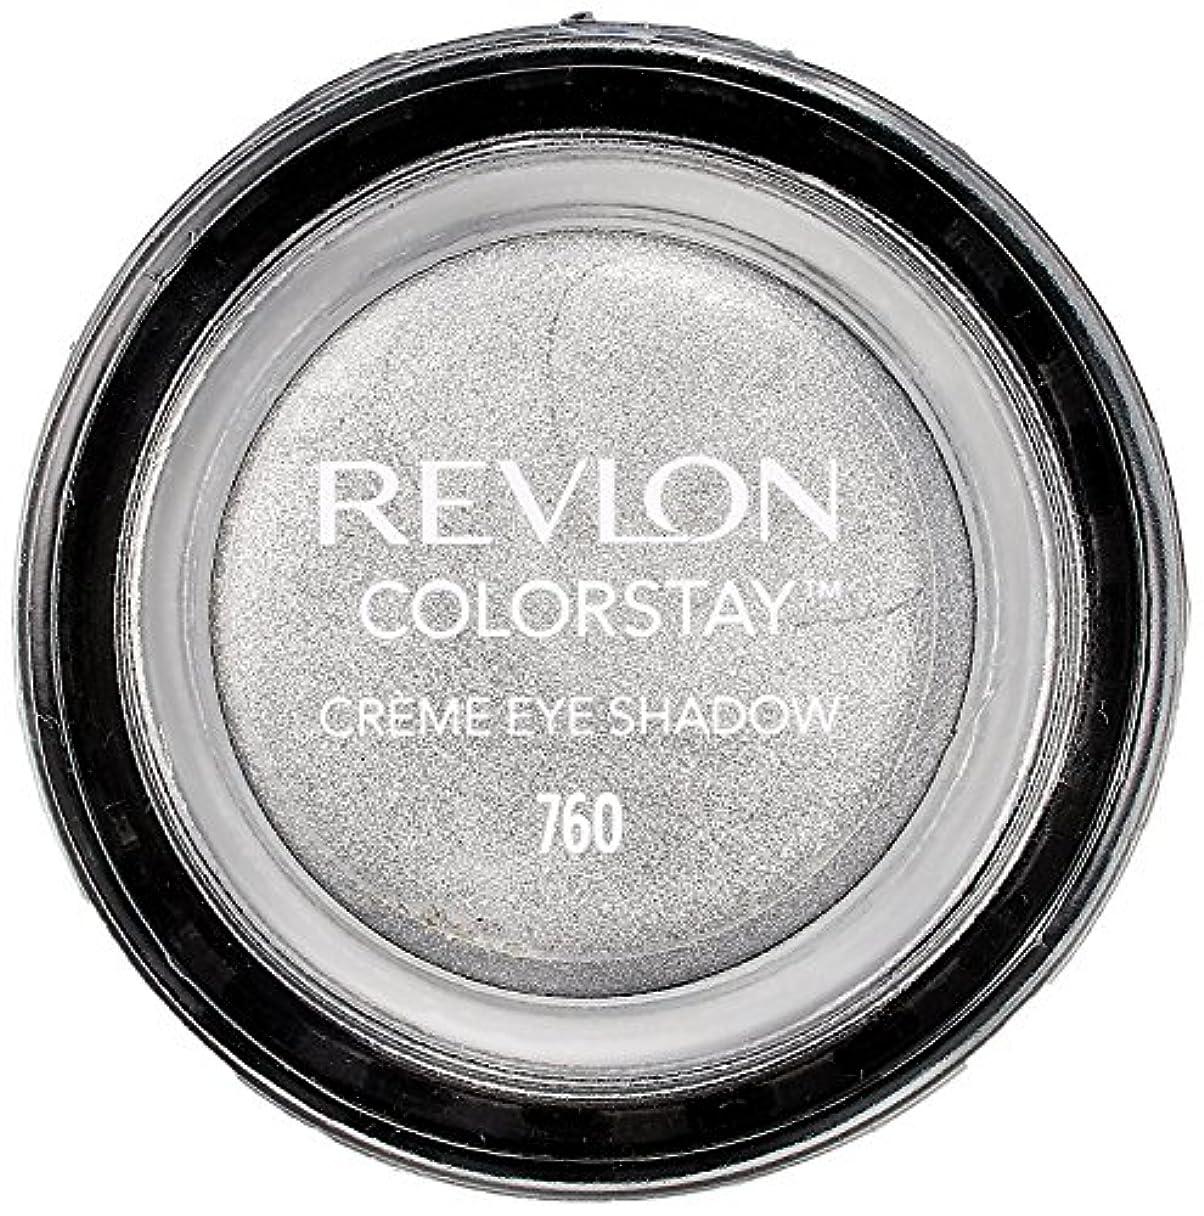 ミンチ光の権限を与えるレブロン カラーステイ クリーム アイ シャドウ 760 カラー:アール グレー(シルバーグレー)